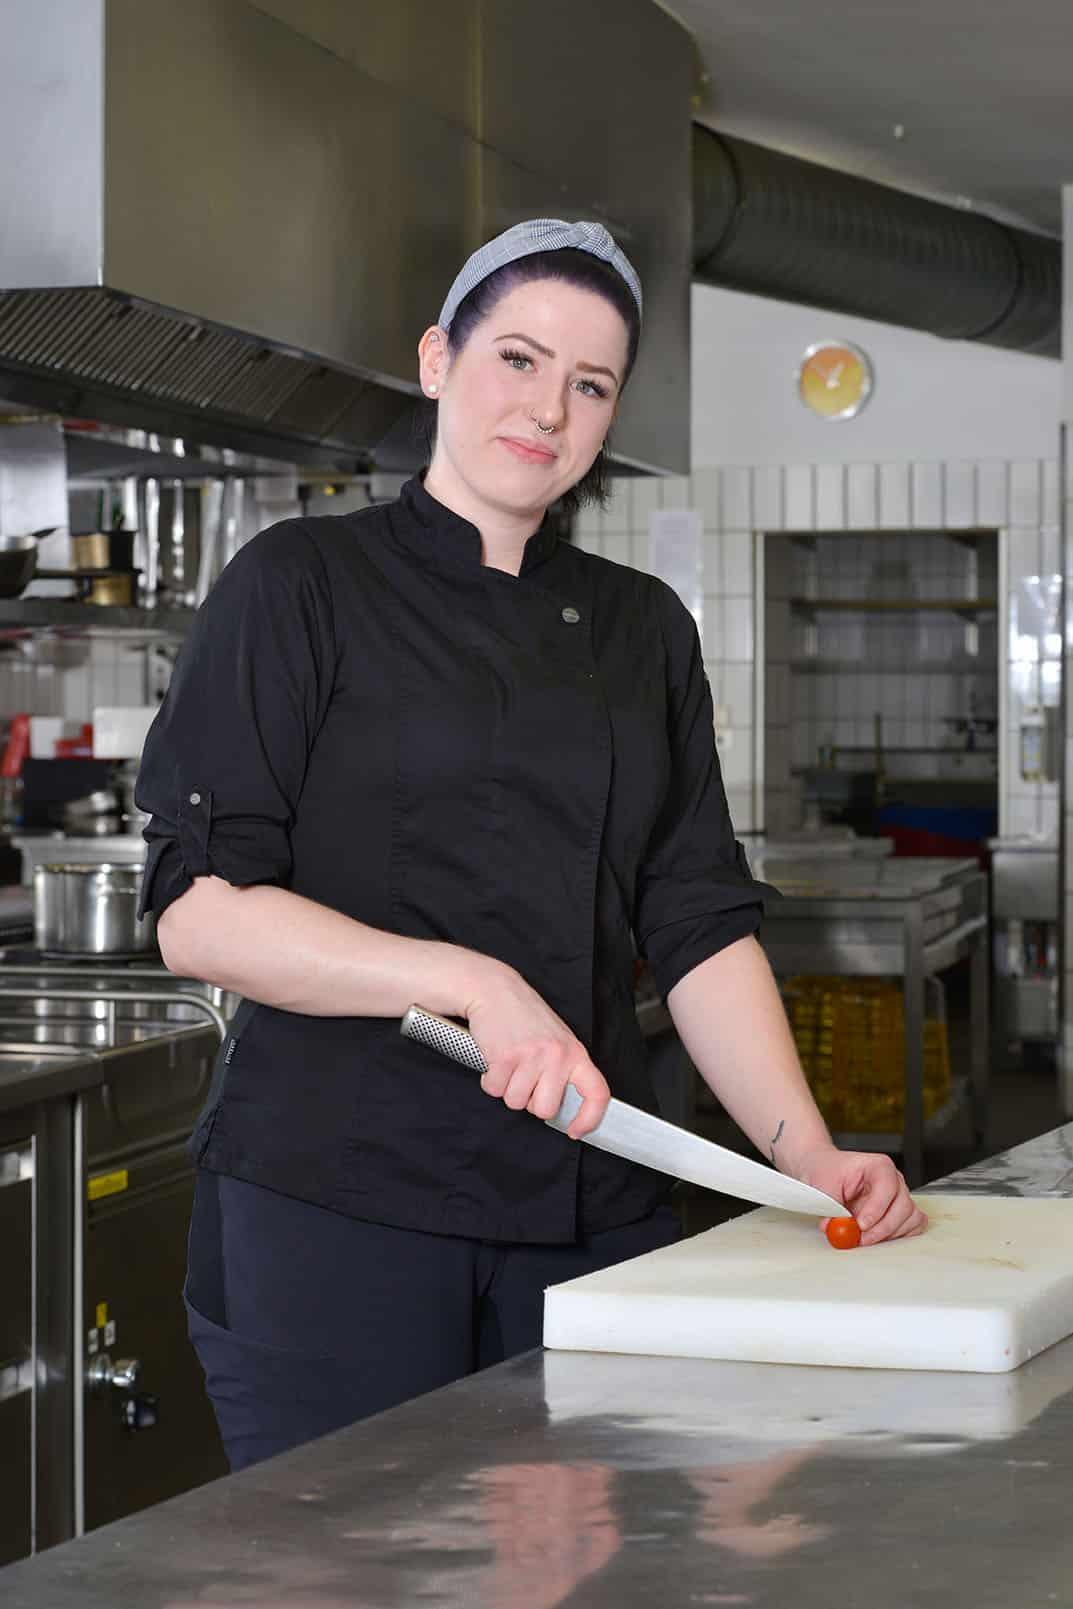 Köchin in der Küche am Schneidebrett